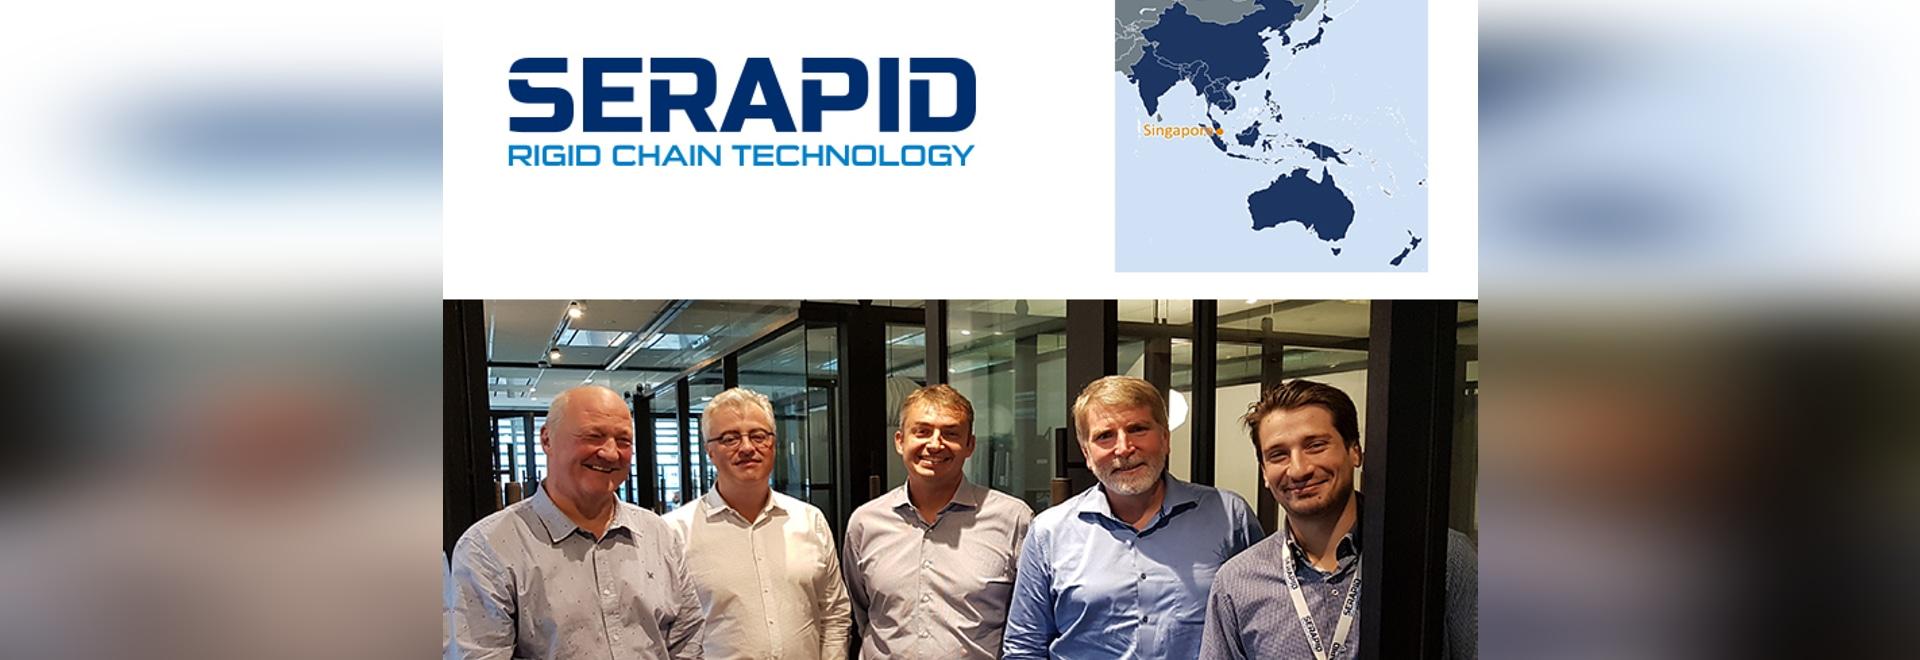 Le groupe SERAPID a le plaisir d'annoncer l'ouverture de sa filiale en Asie : SERAPID Singapore PTE LTD